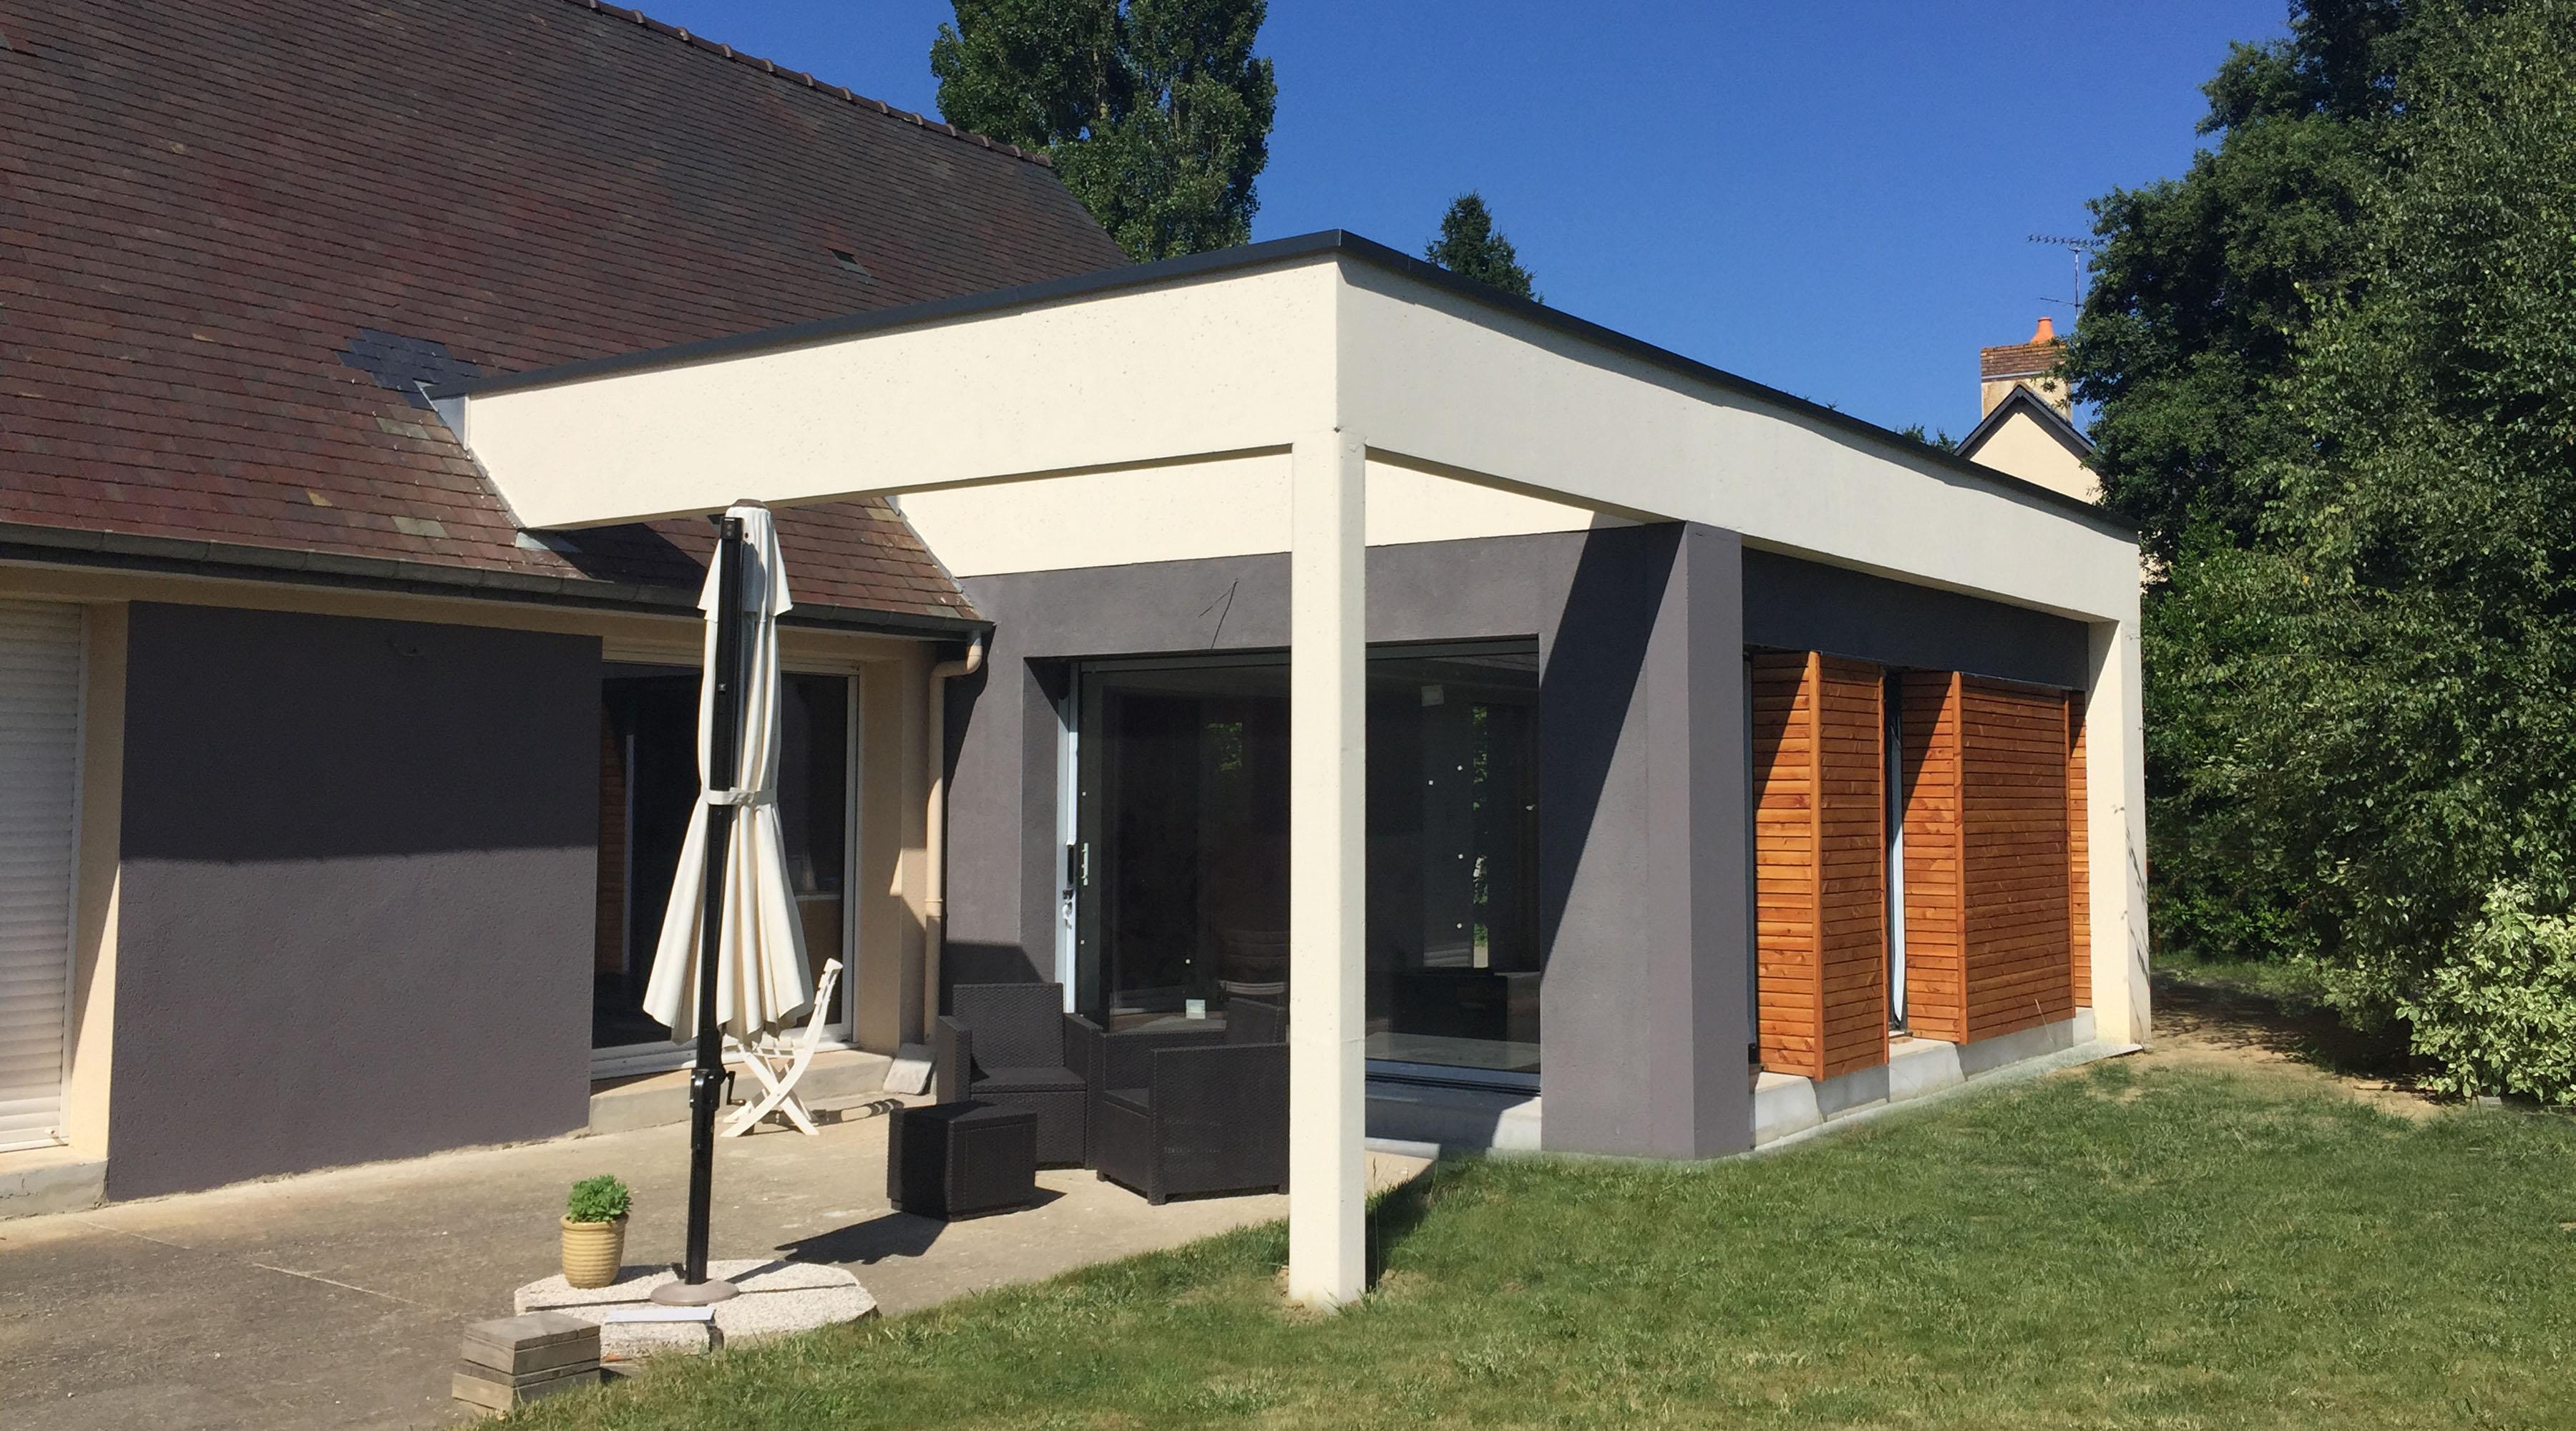 Projet m m 1 2 vue architecte lise roturier rennes for Extension maison zone n